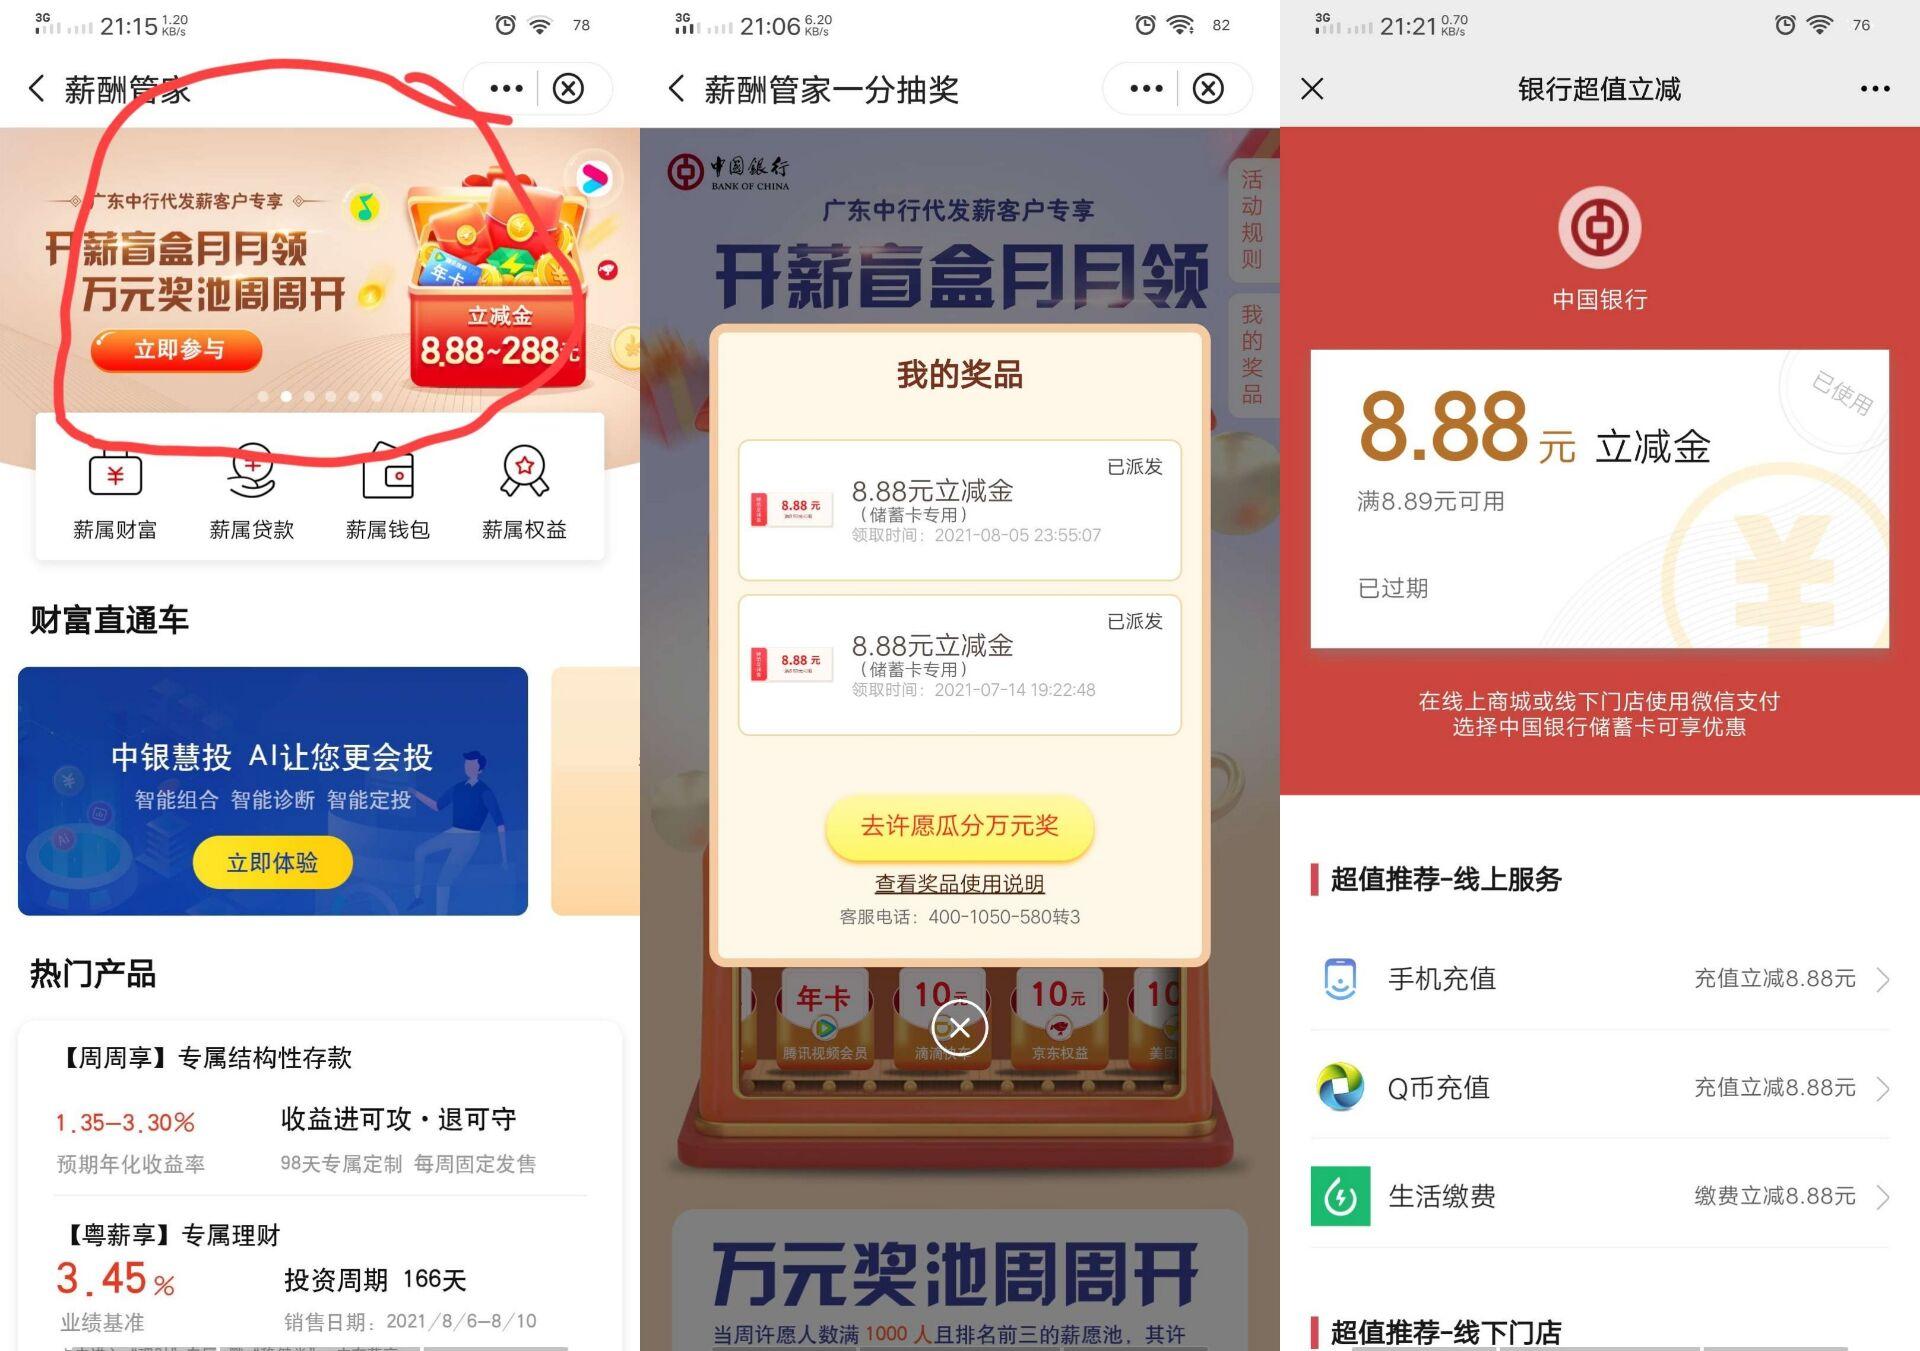 广东中行领8.88元立减金插图